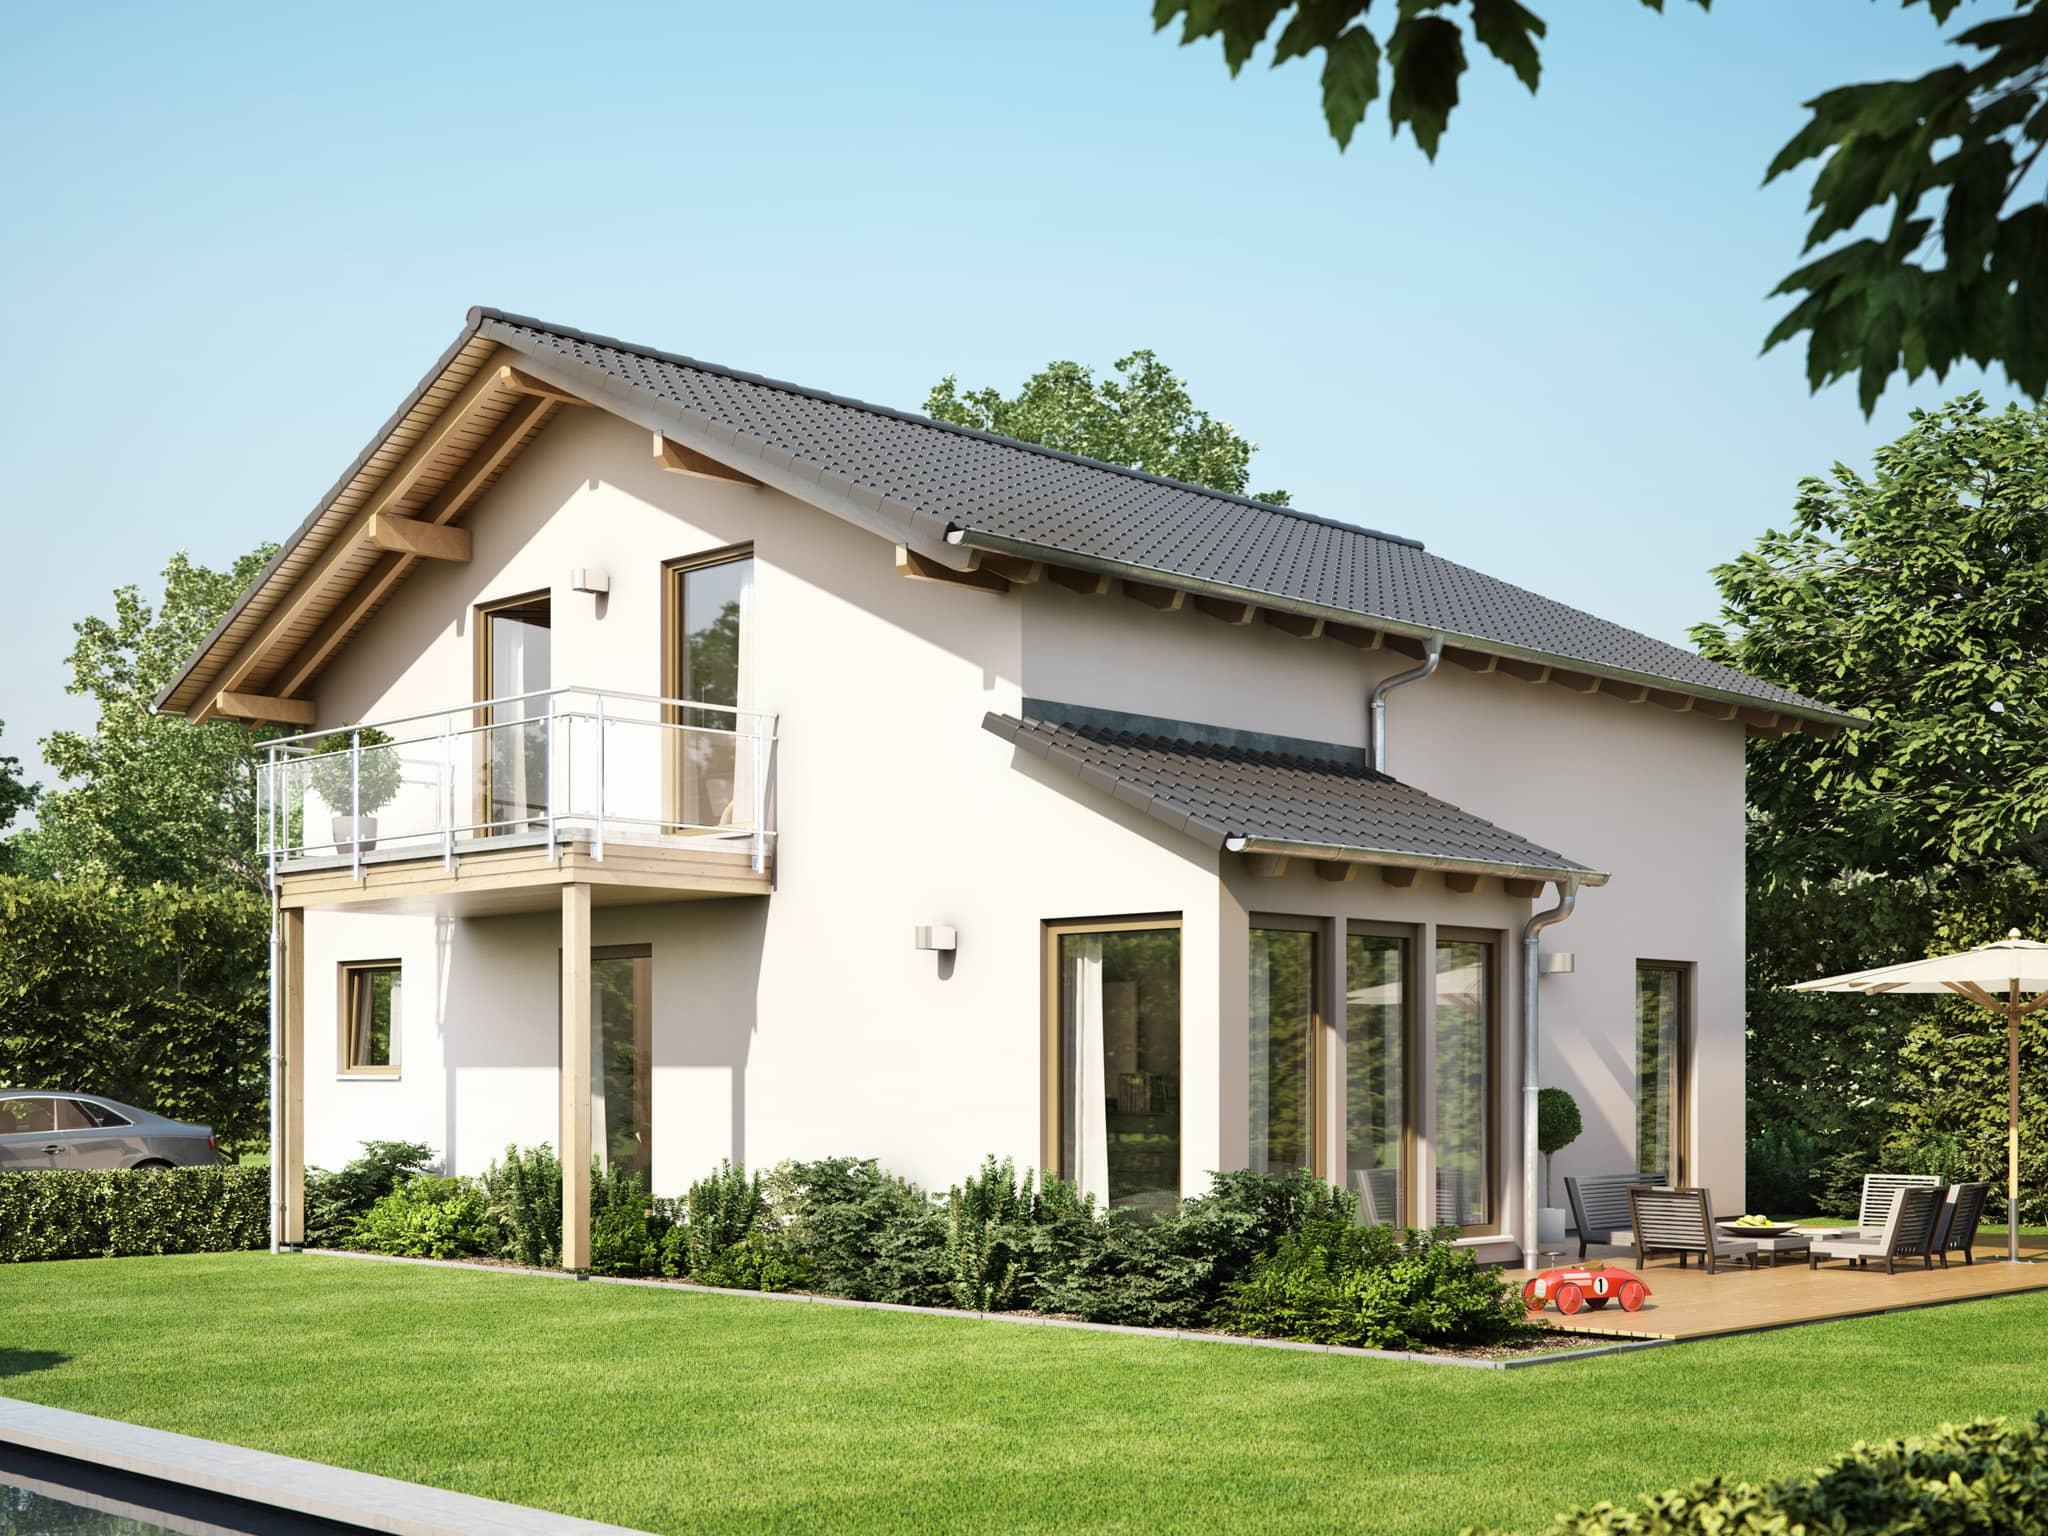 Fertighaus mit Satteldach, Wintergarten Erker & Balkon, 5 Zimmer Grundriss, 150 qm - Einfamilienhaus Neubau Living Haus SUNSHINE 151 V4 - HausbauDirekt.de